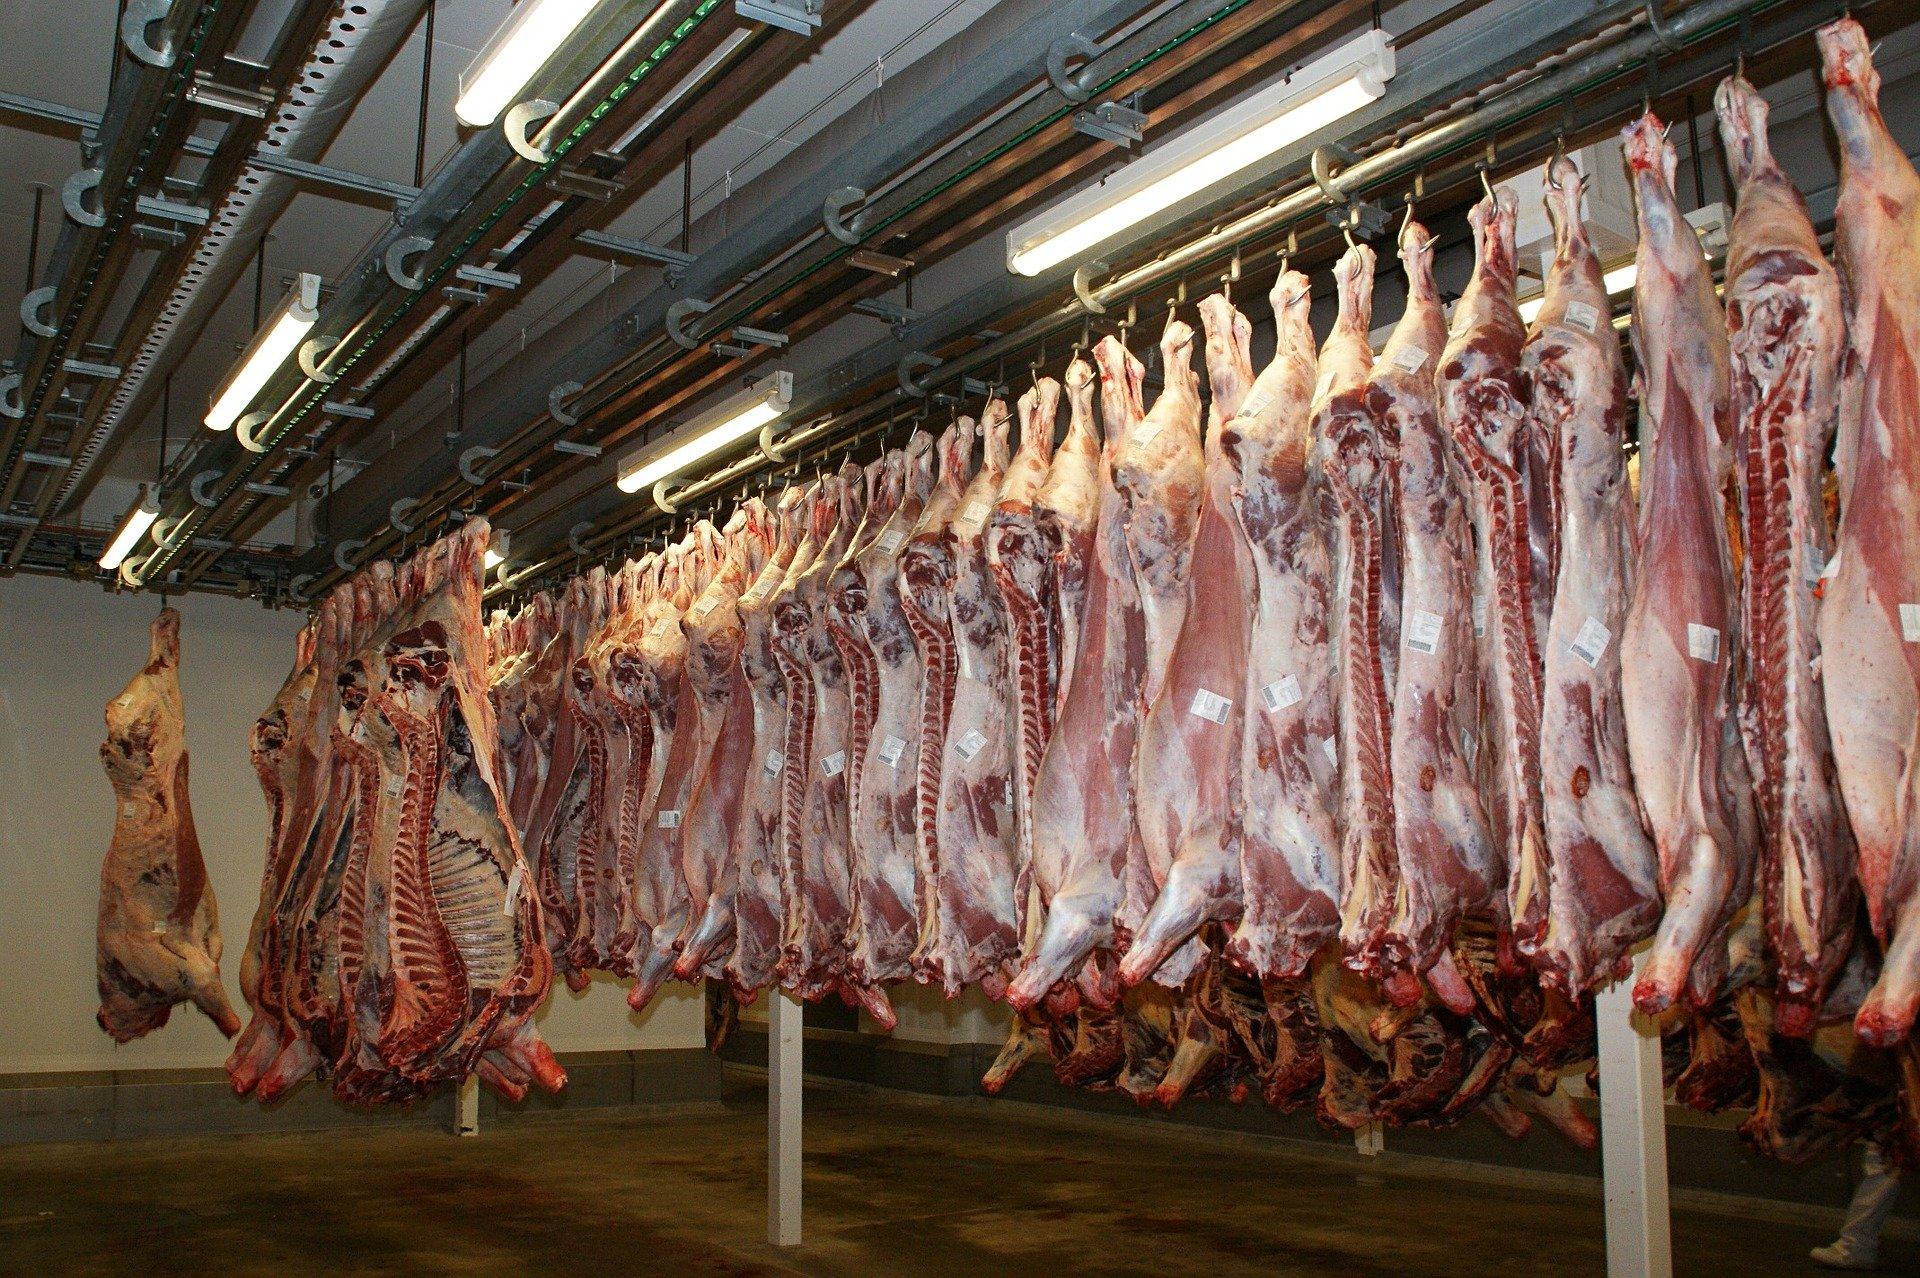 Matar animales para consumirlos es un acto de crueldad